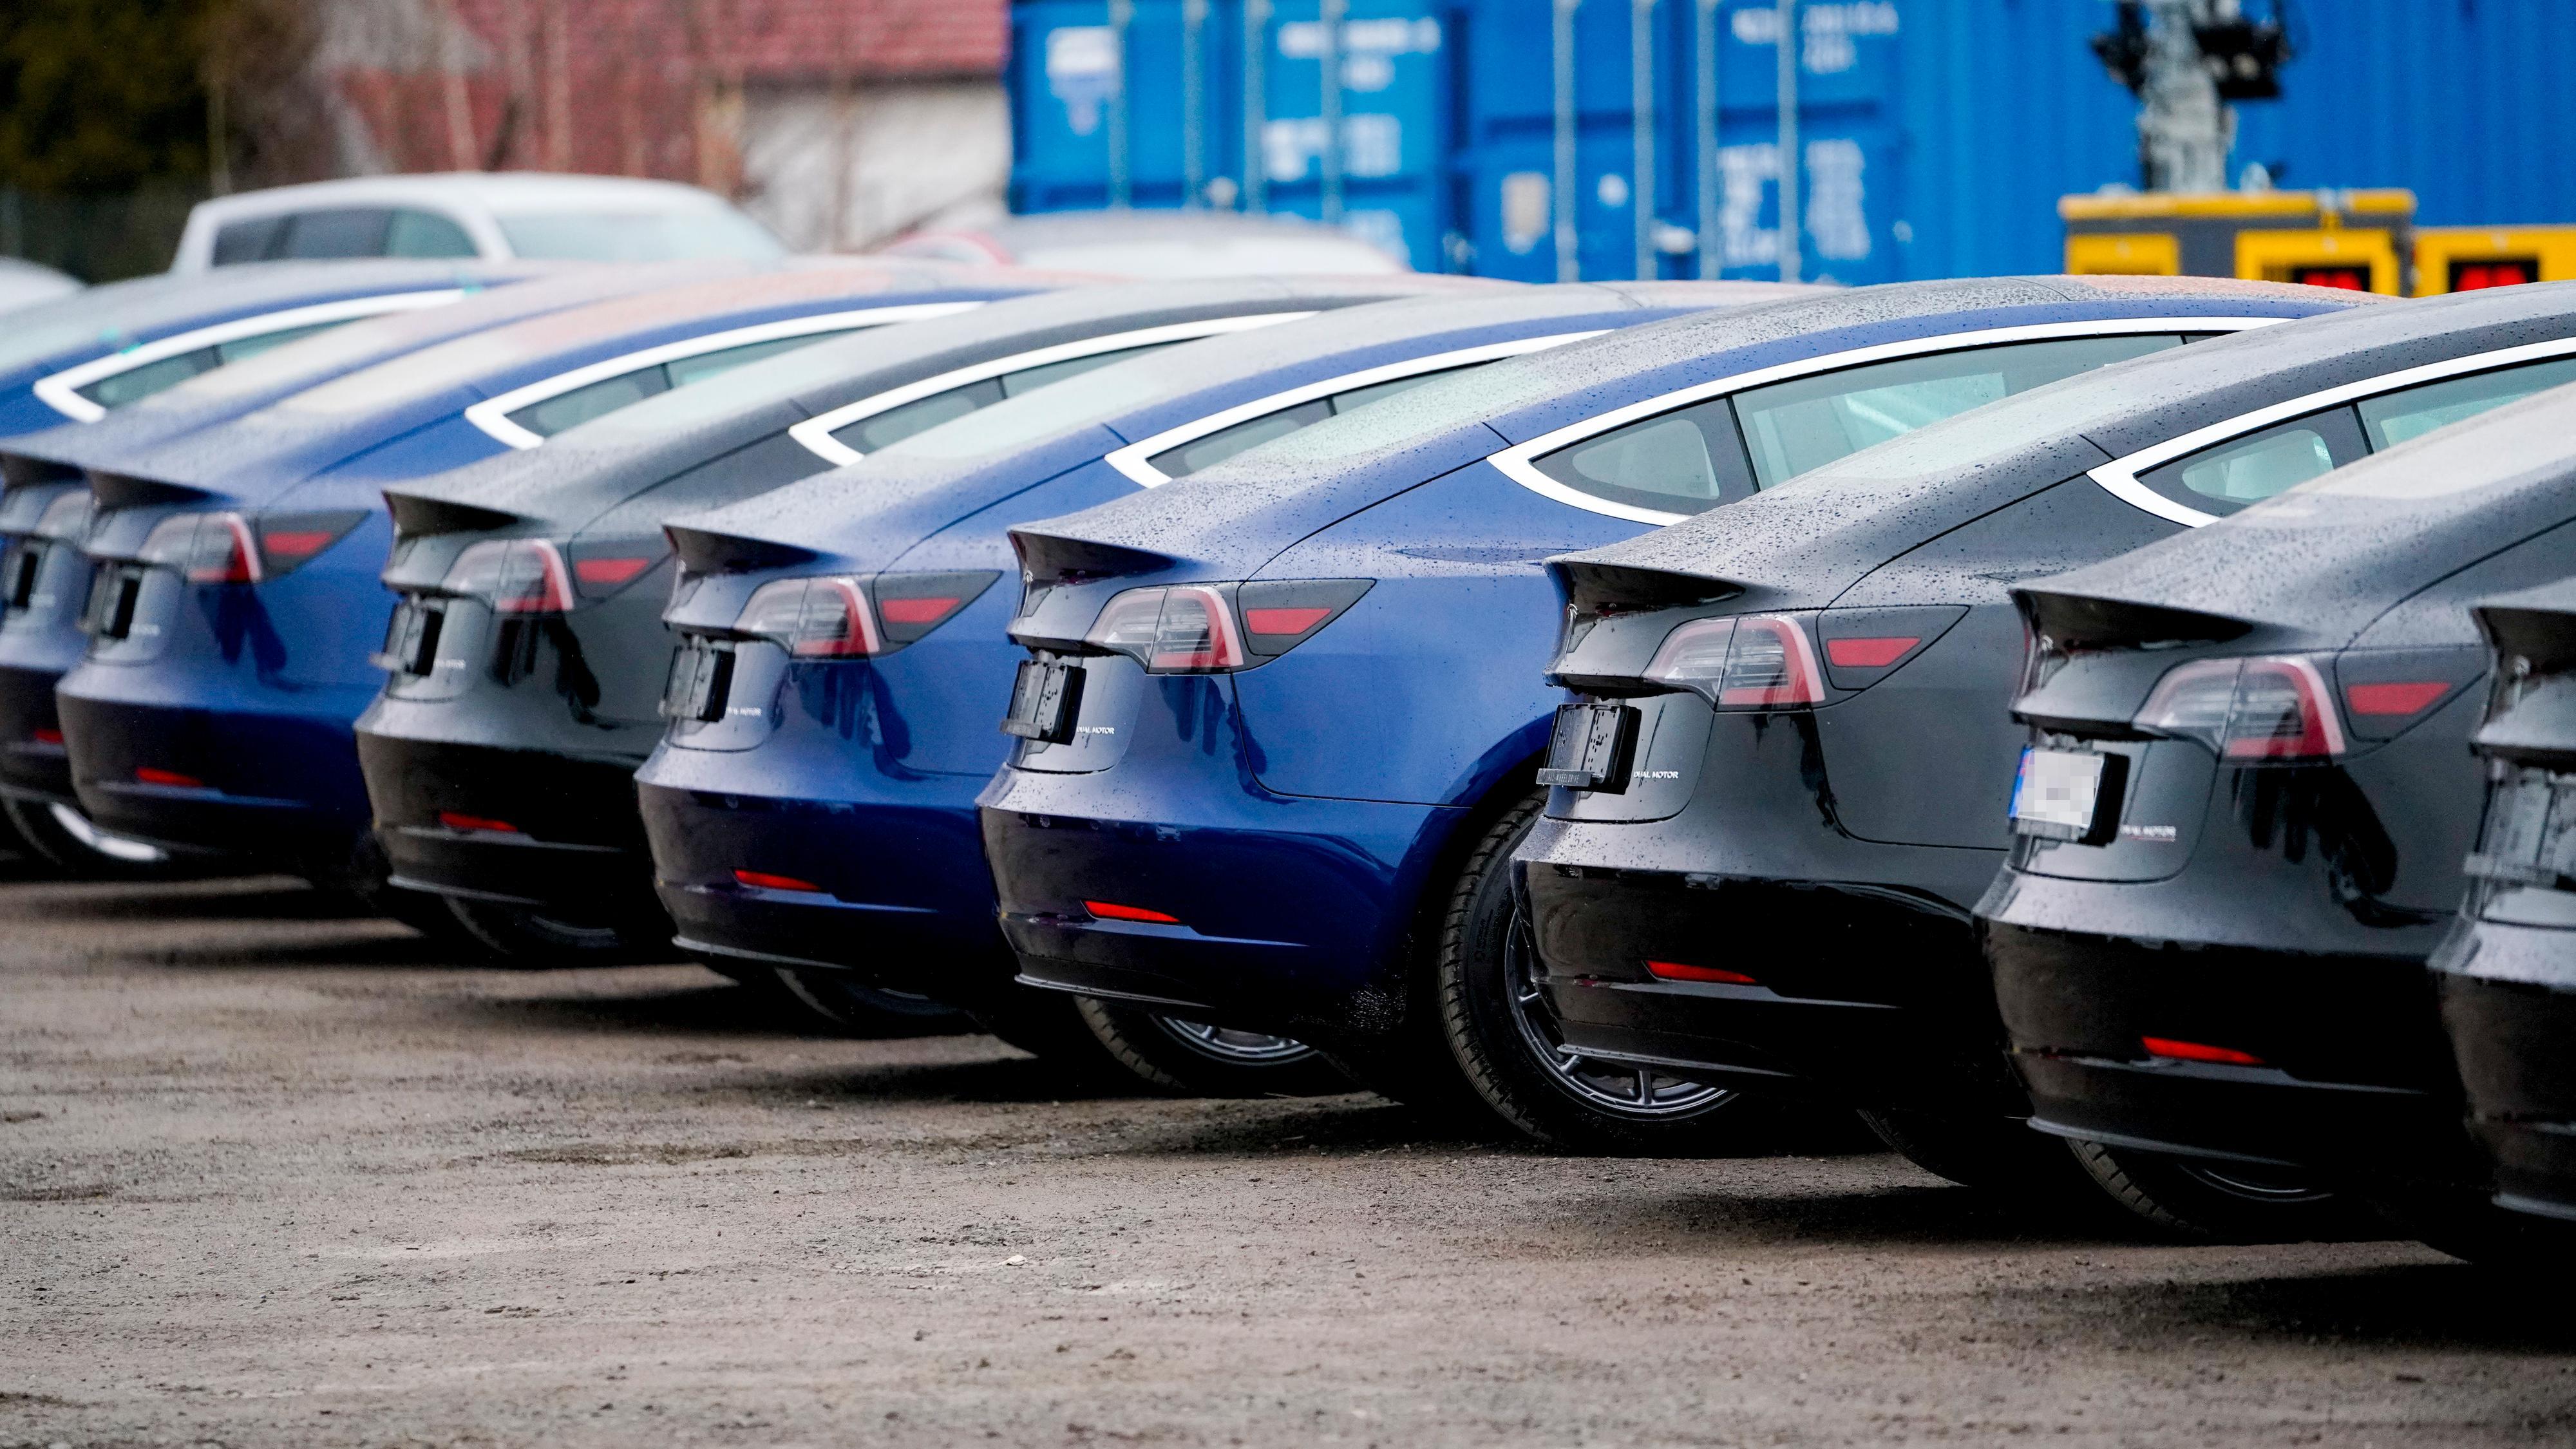 Over halvparten av alle solgte biler i 2020 vil være elektriske, ifølge bilimportørene